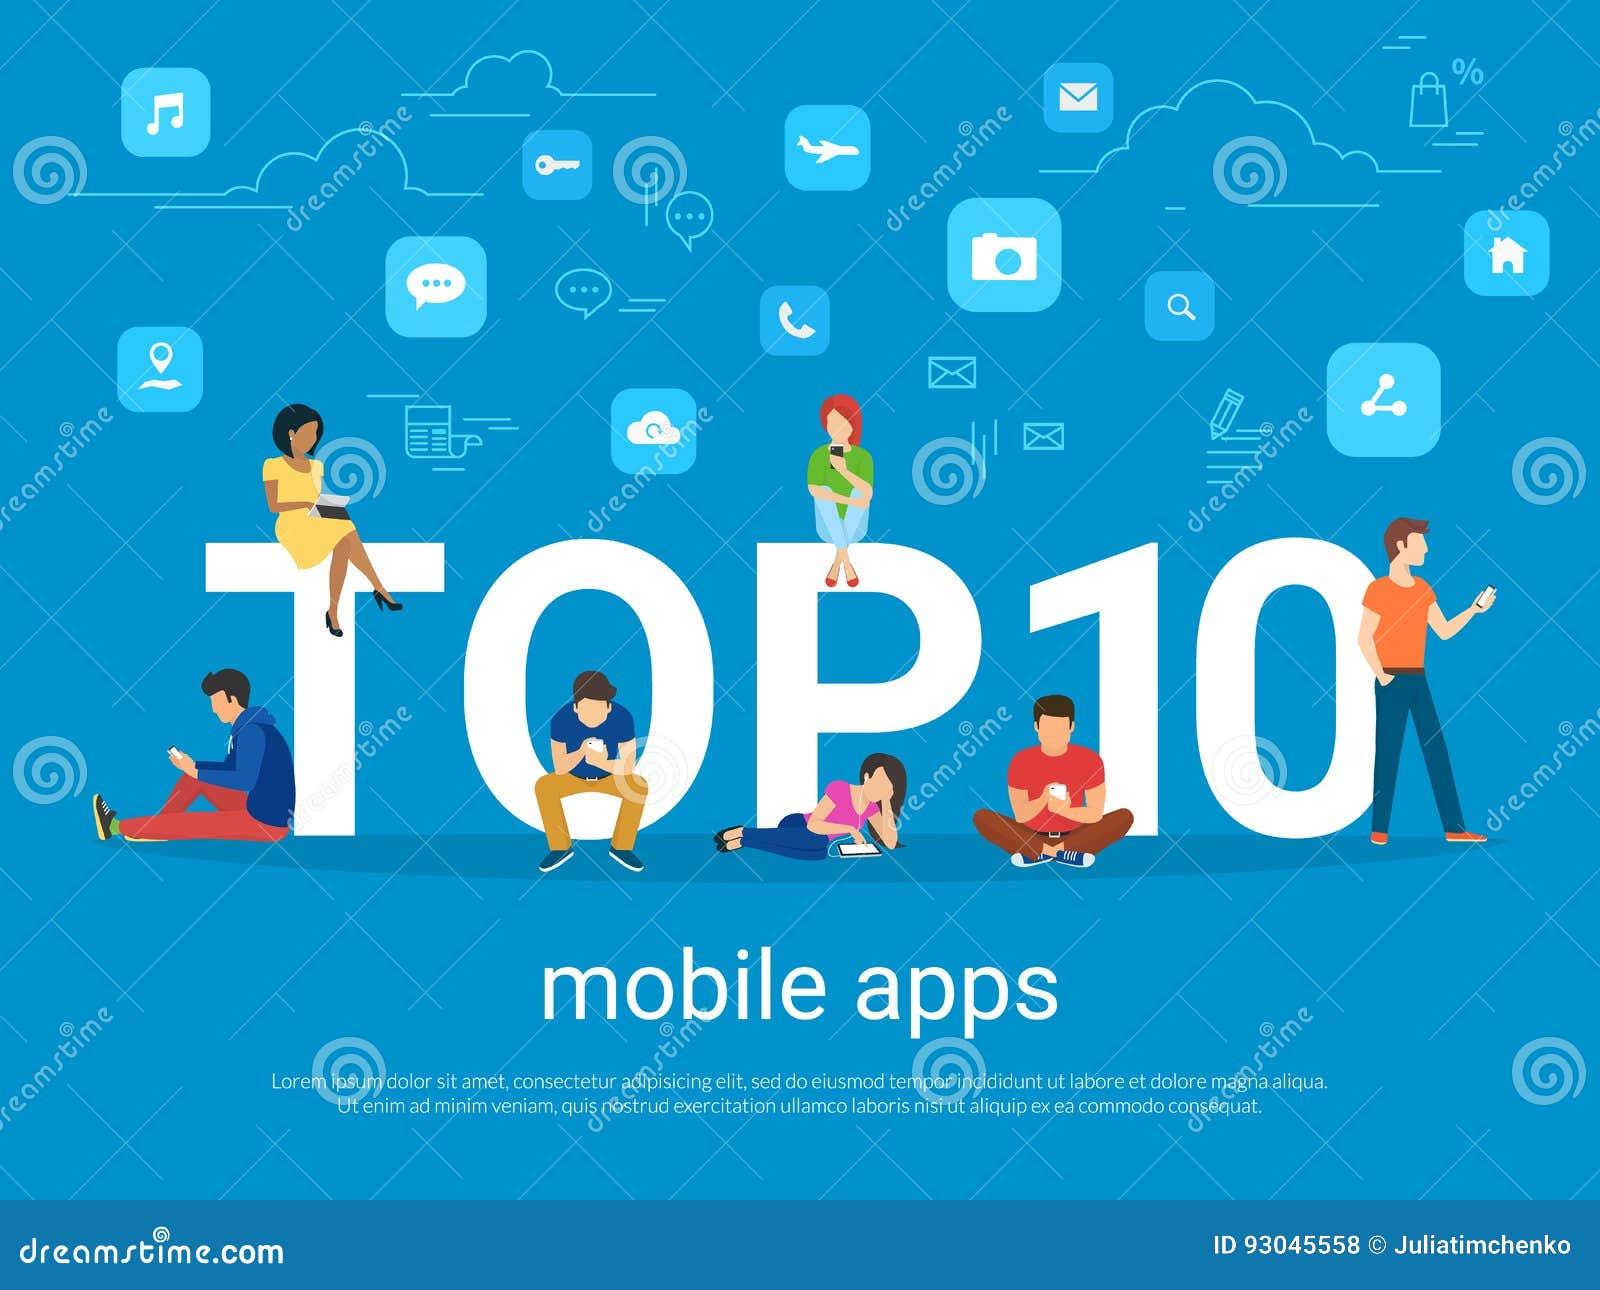 Top 10 mobiele apps en mensen met gadgets die smartphones gebruiken